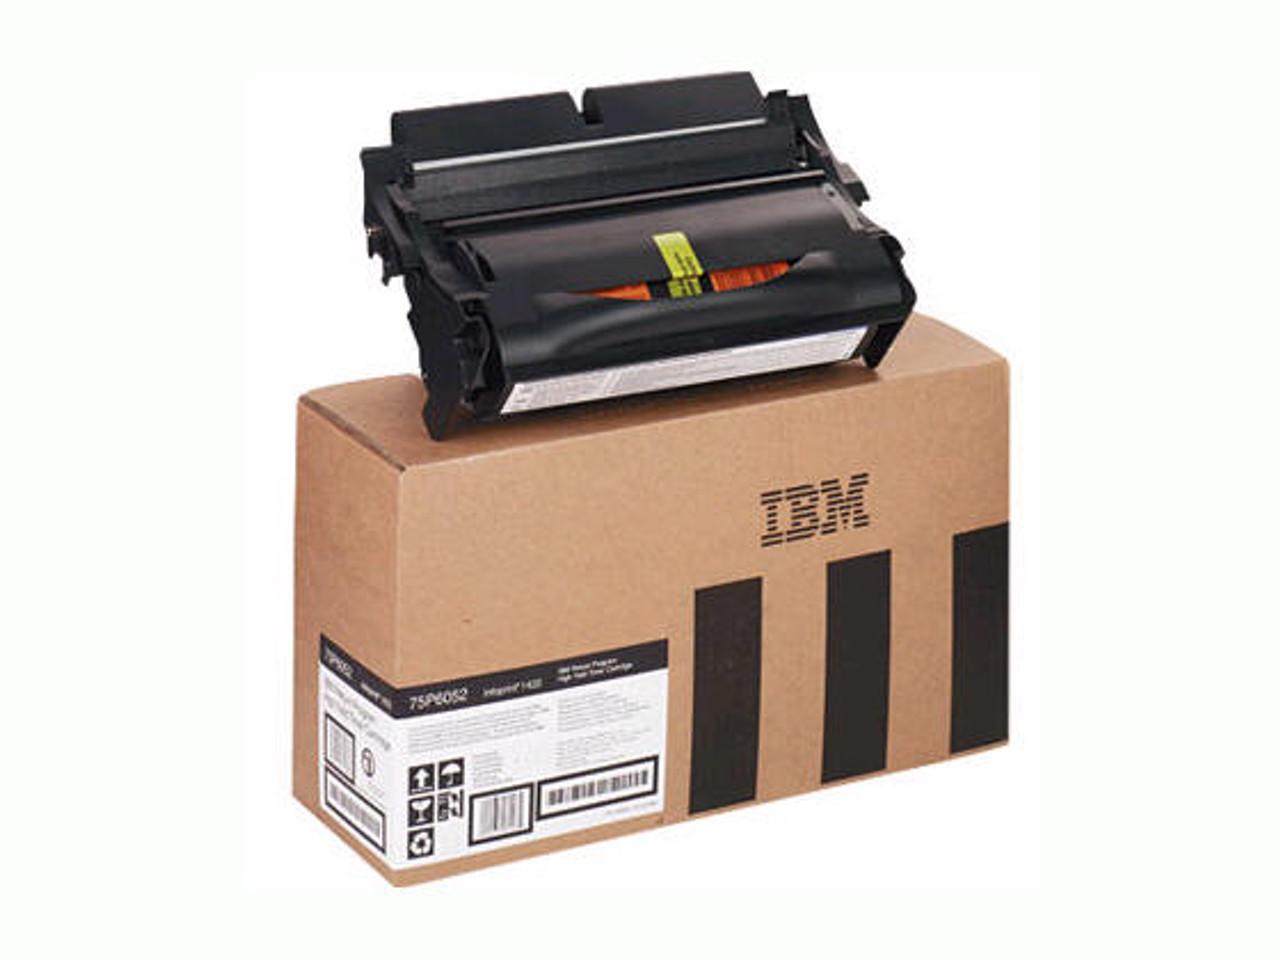 IBM Return Program Black Toner Cartridge for Infoprint